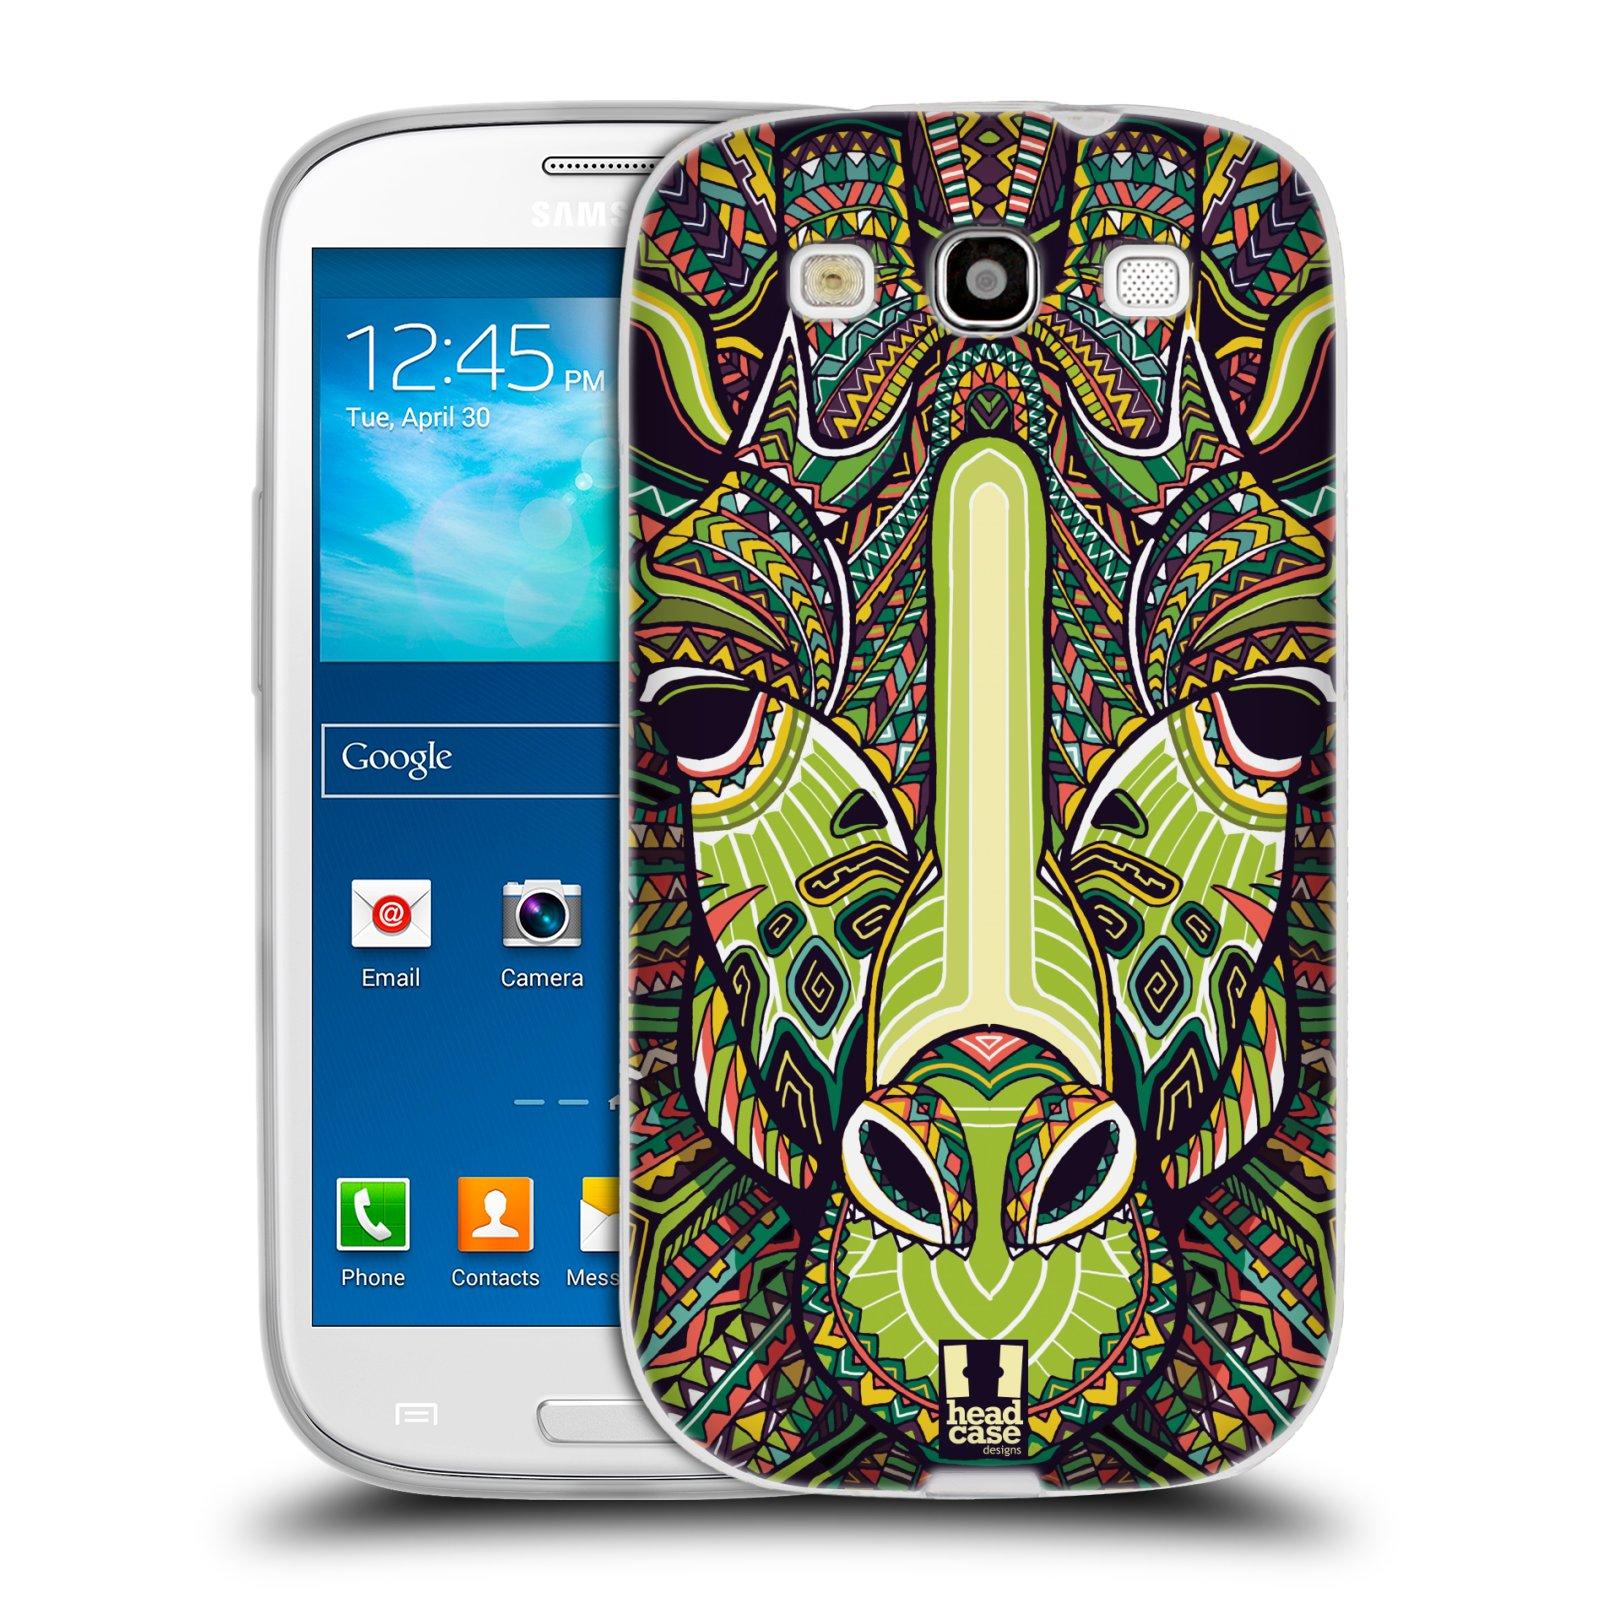 Silikonové pouzdro na mobil Samsung Galaxy S3 Neo HEAD CASE AZTEC ŽIRAFA (Silikonový kryt či obal na mobilní telefon Samsung Galaxy S3 Neo GT-i9301i)